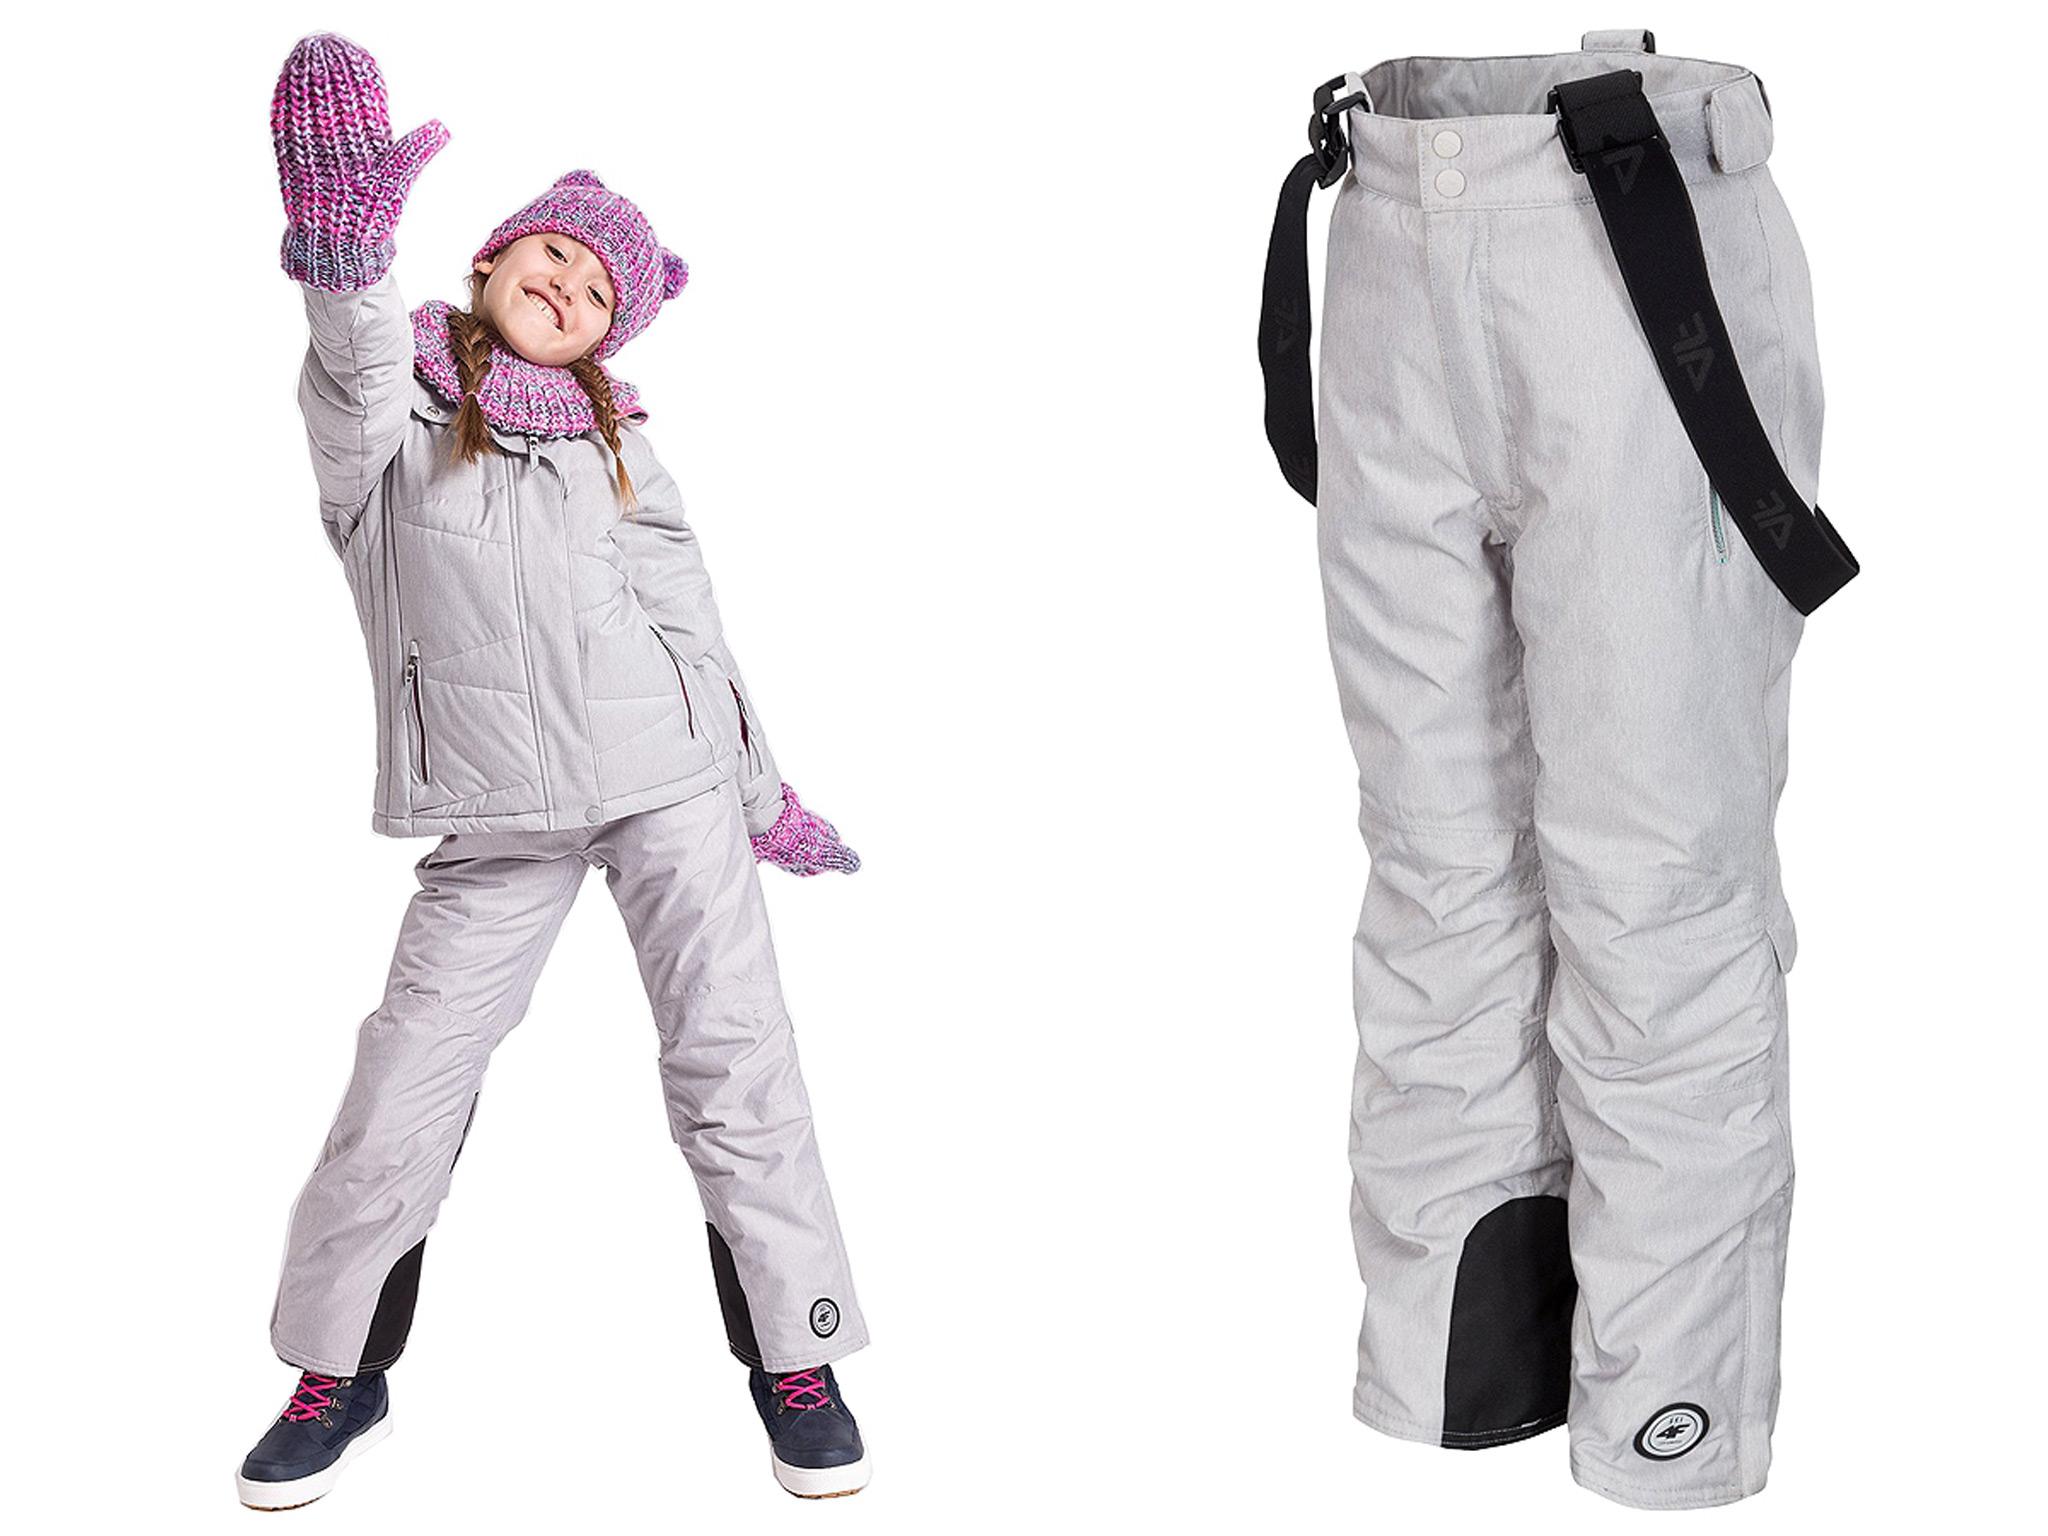 84f59e9613 4F Spodnie narciarskie dla dzieci JSPDN401 -134cm - 7118365547 ...